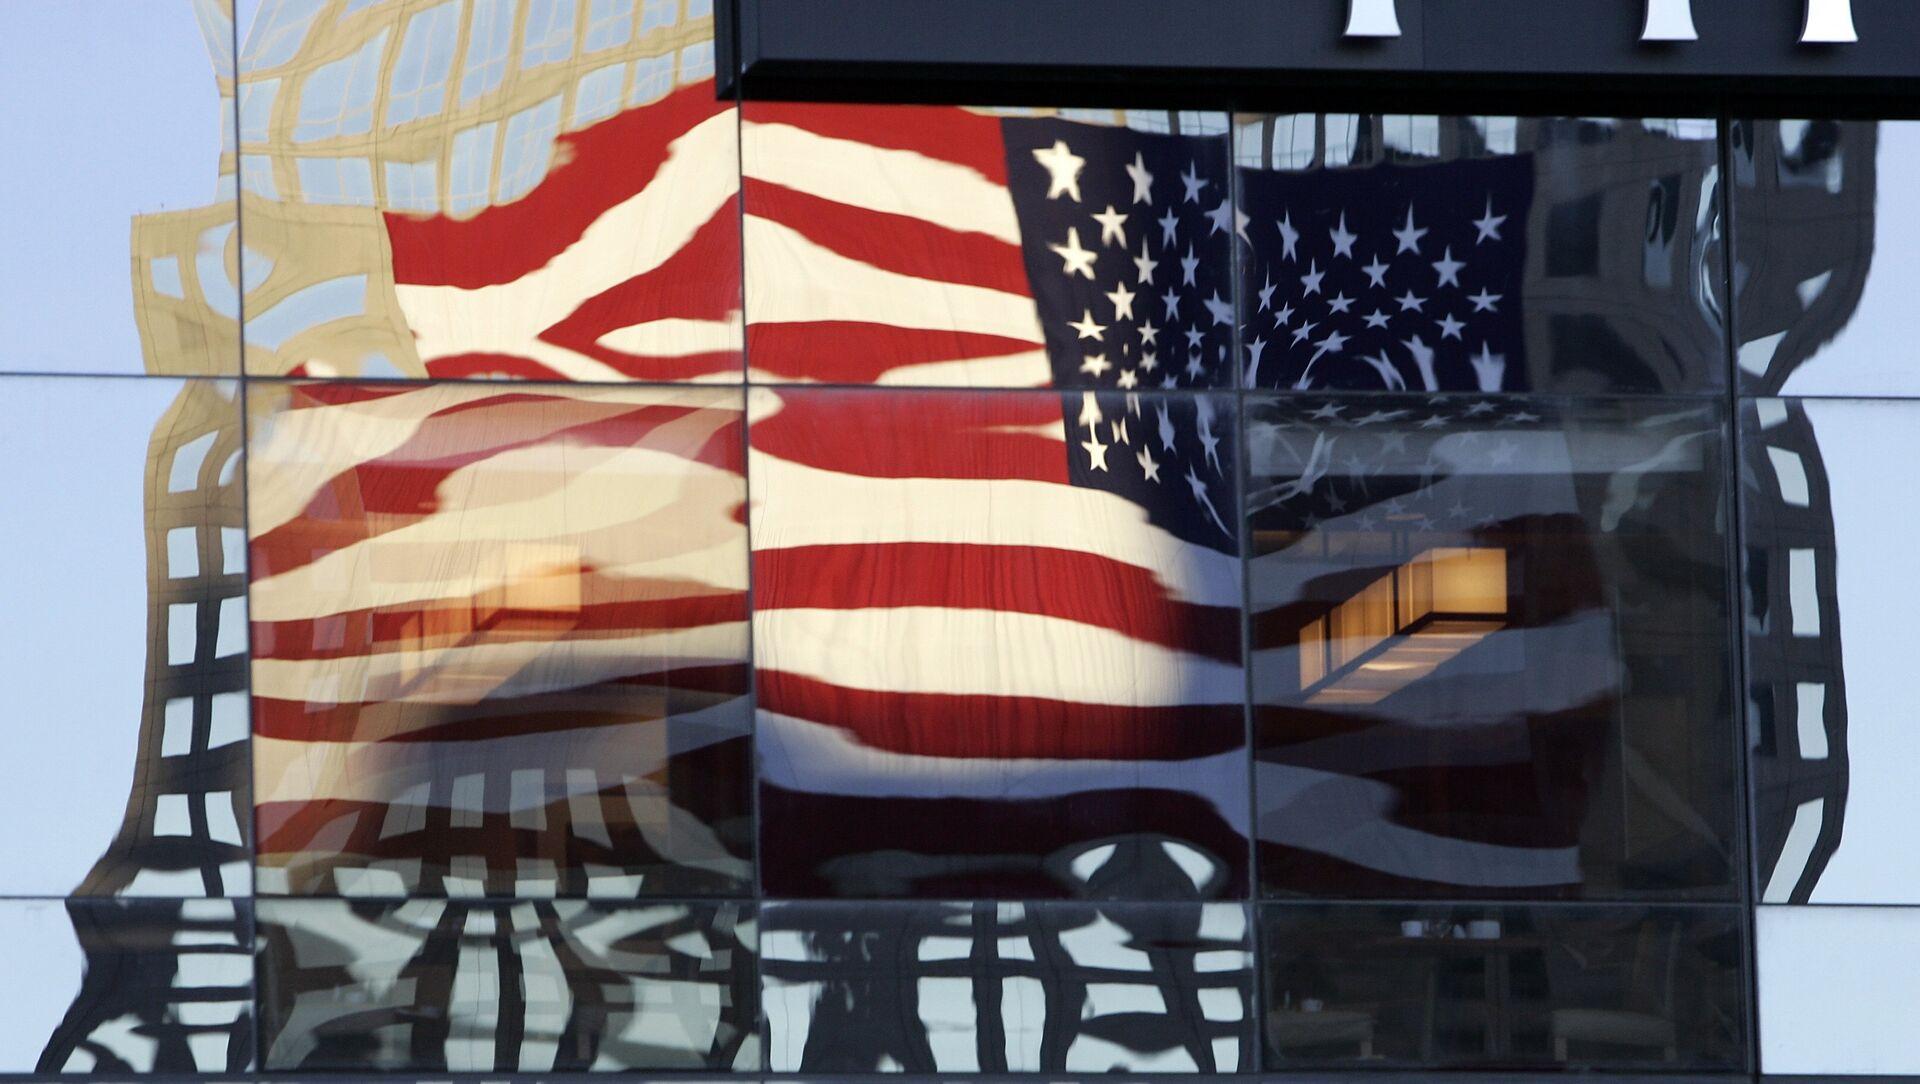 Ground Zero à New York - Sputnik France, 1920, 12.09.2021